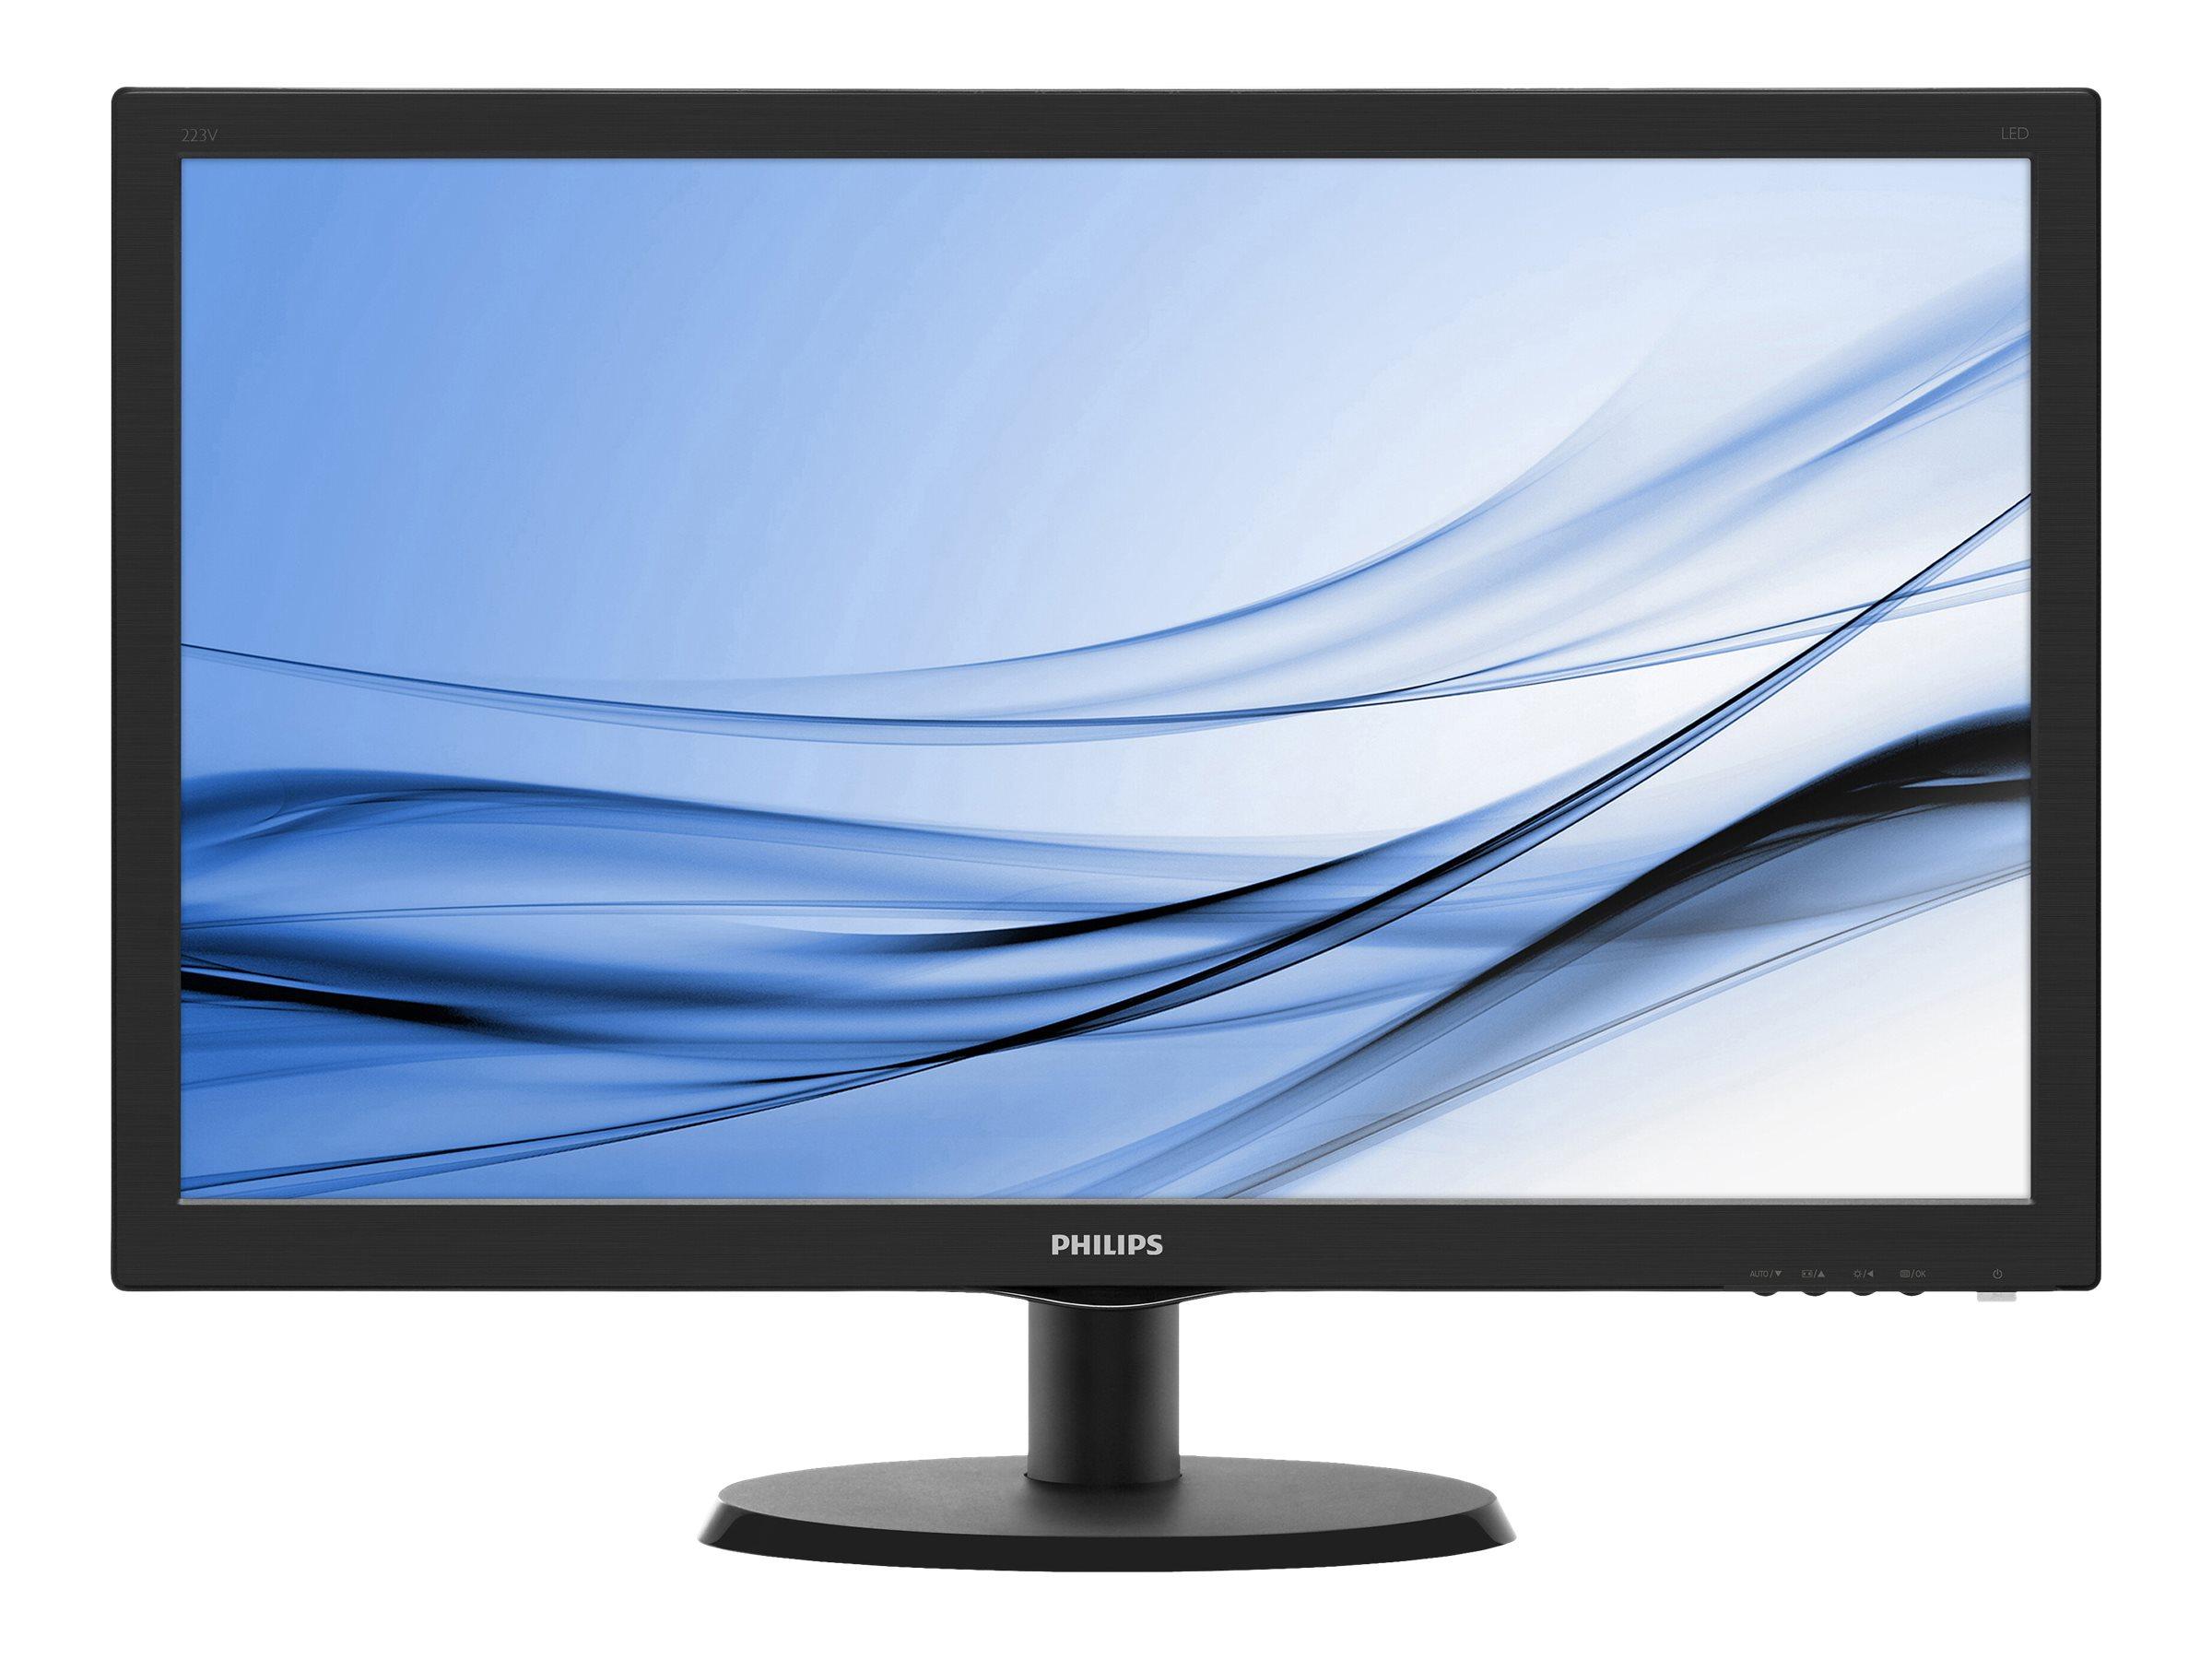 Philips V-line 223V5LHSB - LED-Monitor - 54.6 cm (21.5